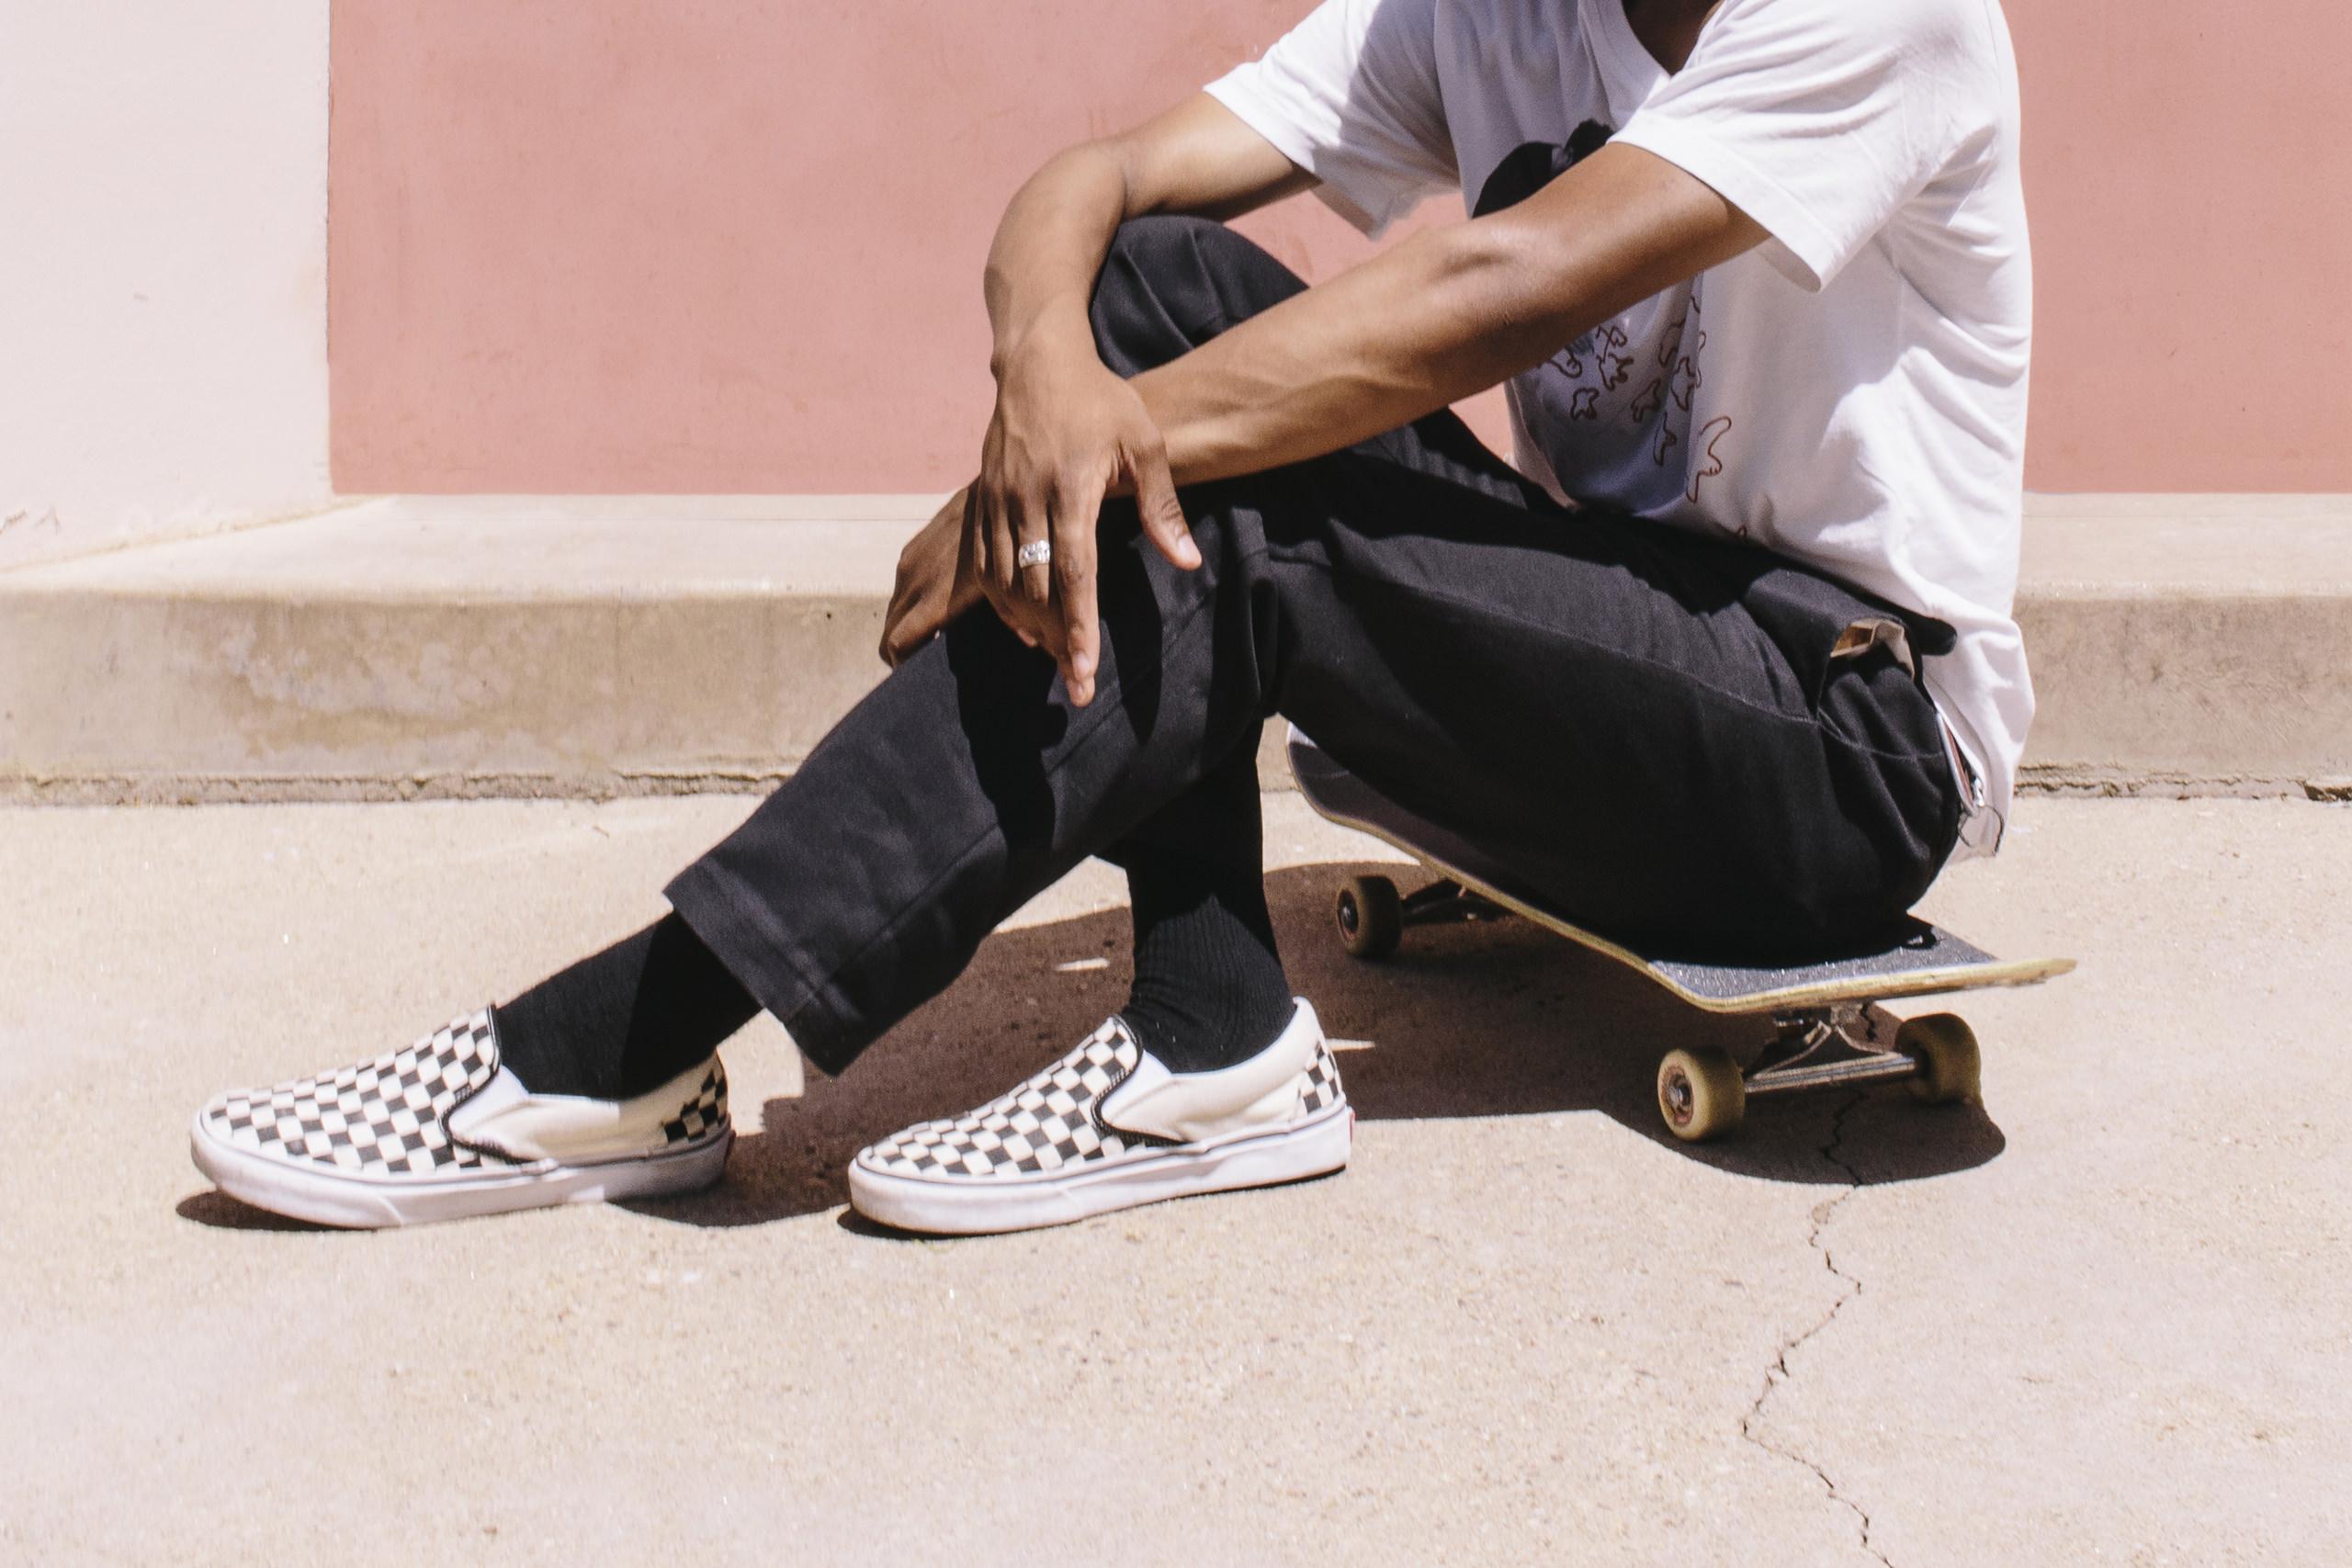 Skateboarding-4